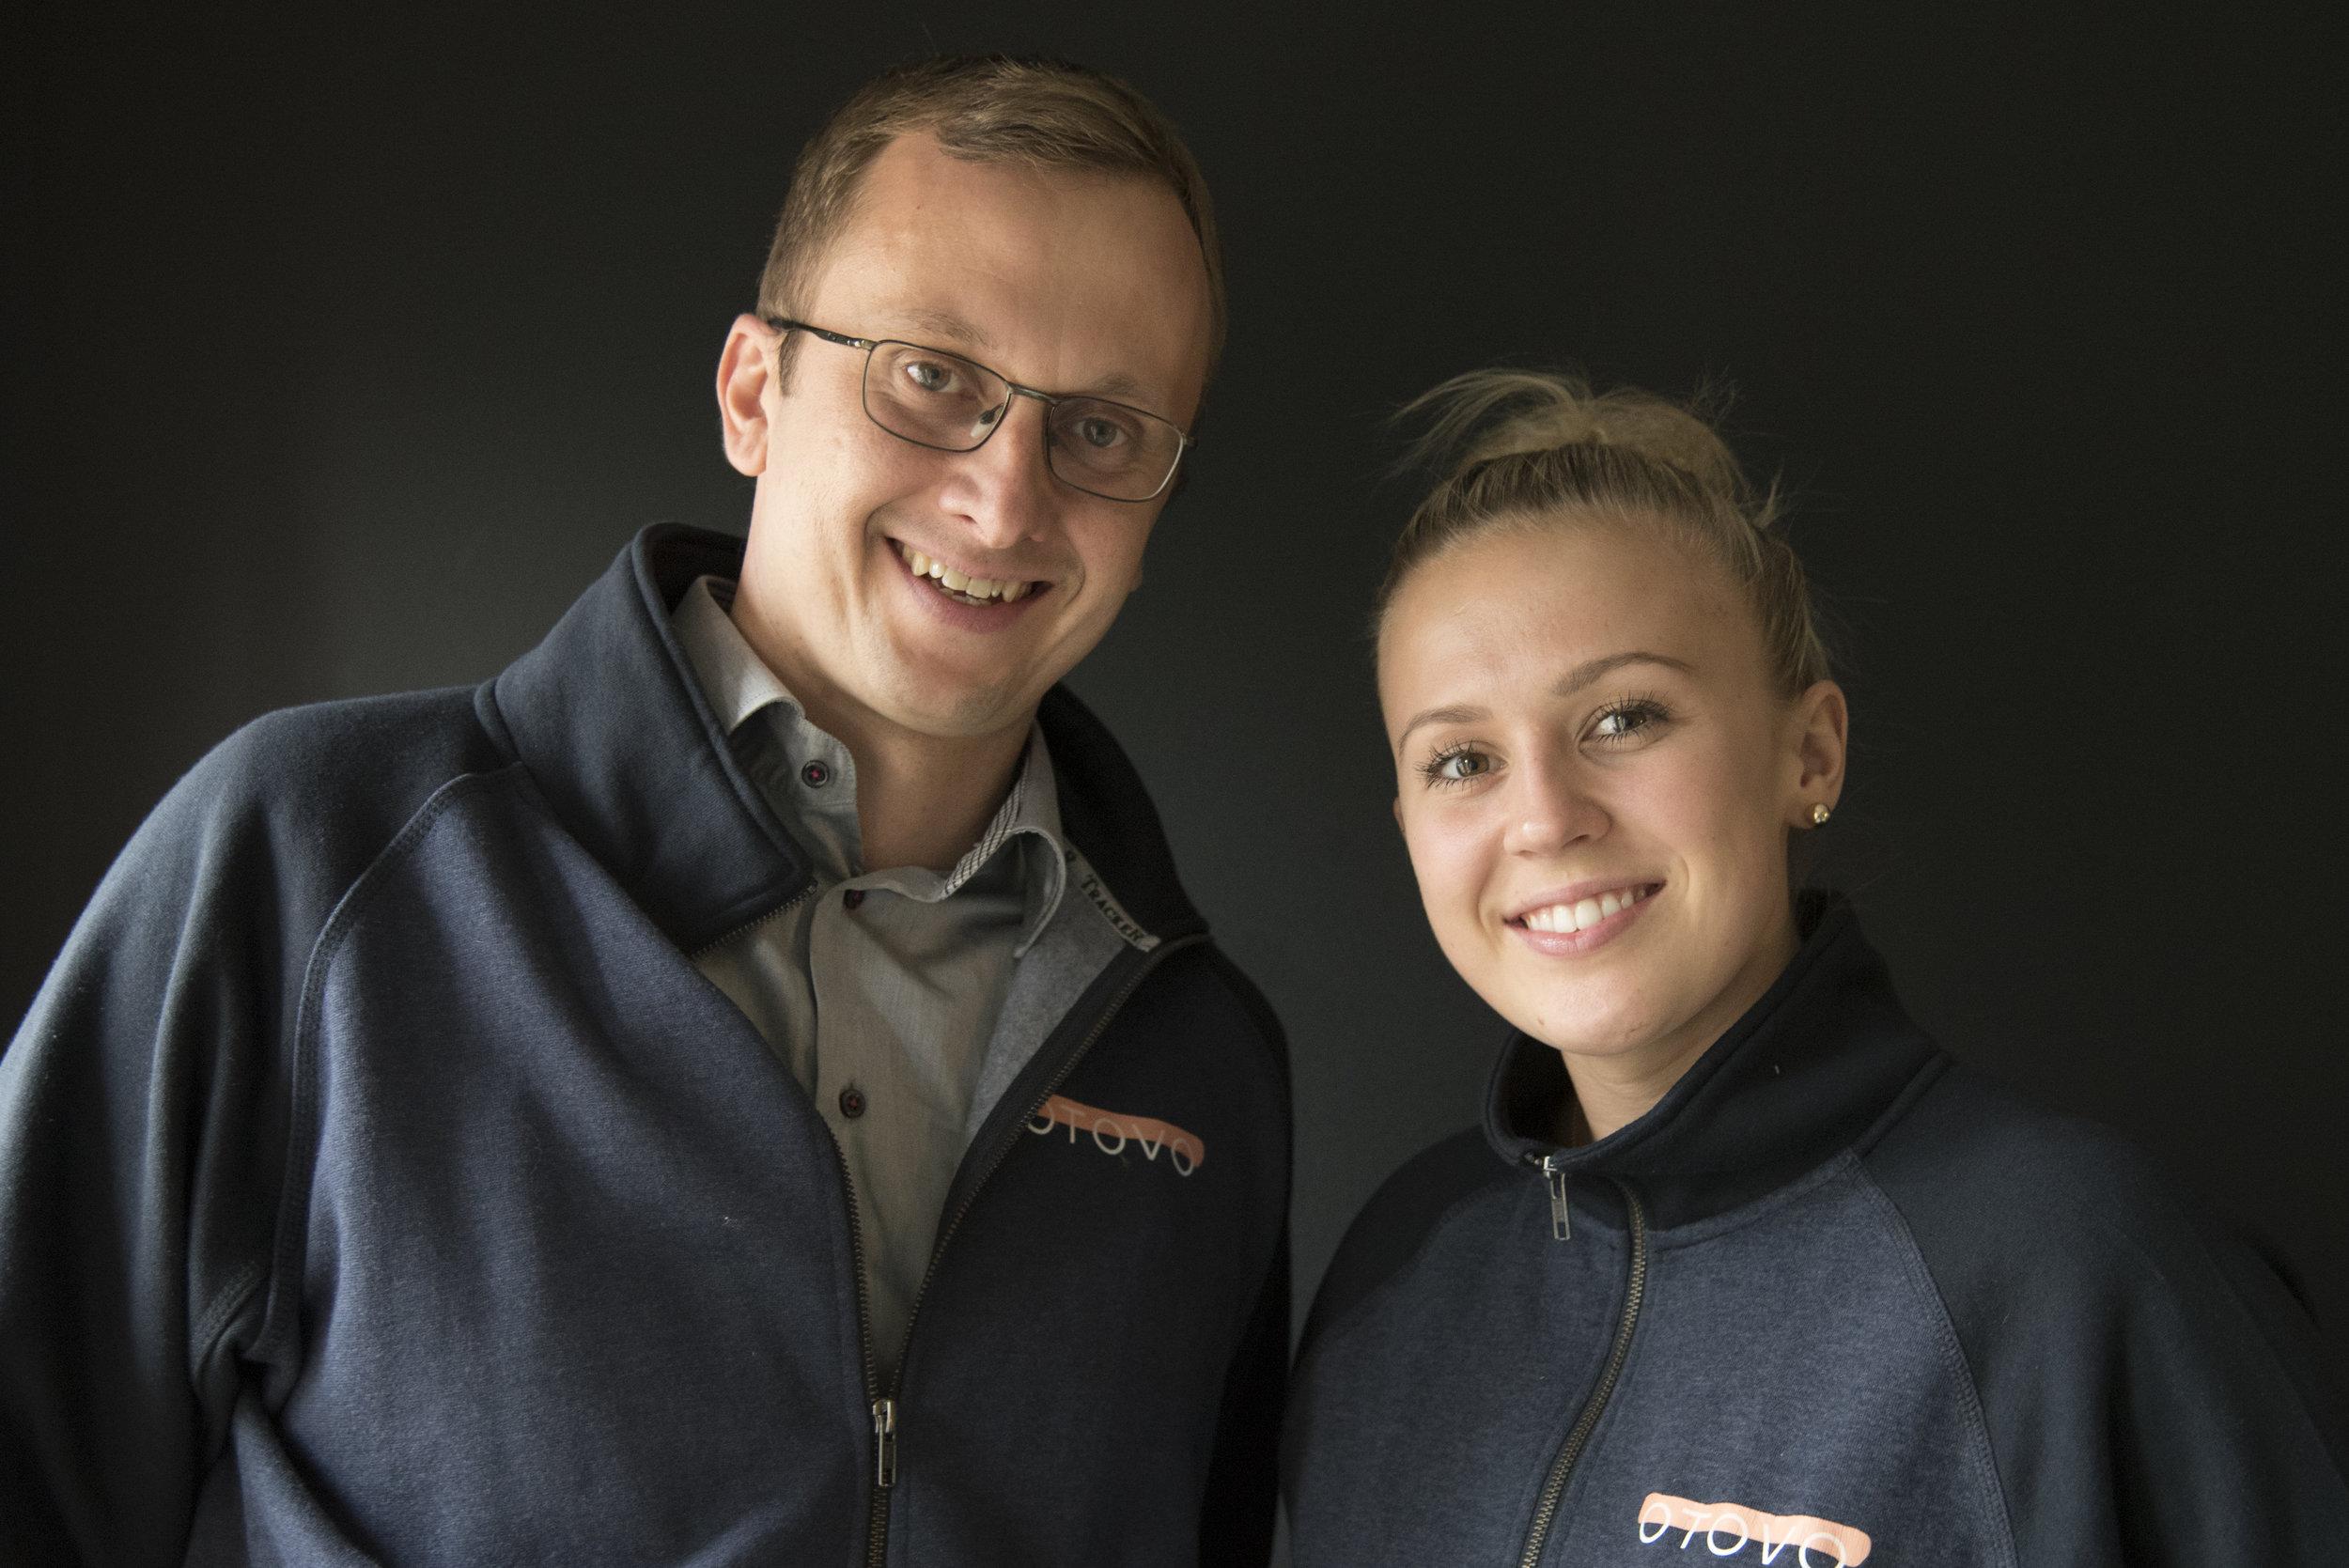 Simen Fure Jørgensen og Christel Mathiesen i Otovo blir ekstra glade når sola skinner. Da produserer nemlig kundene deres ren energi fra sitt eget tak.